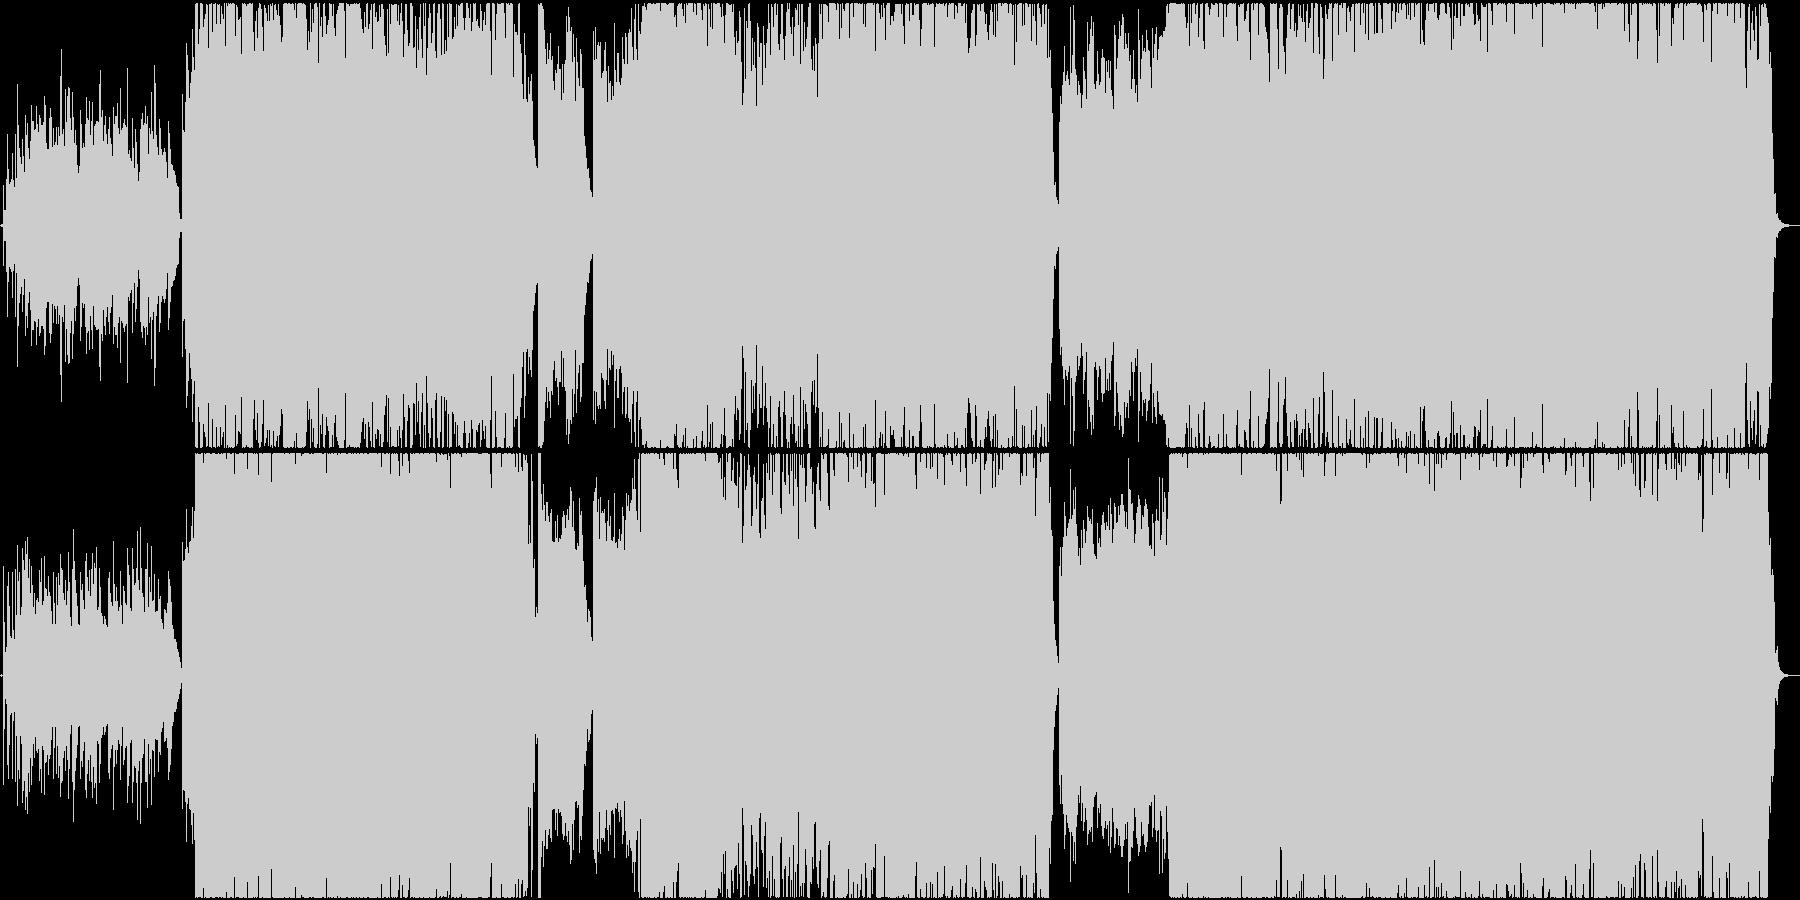 和楽器と中国楽器(二胡、古箏)を使った曲の未再生の波形